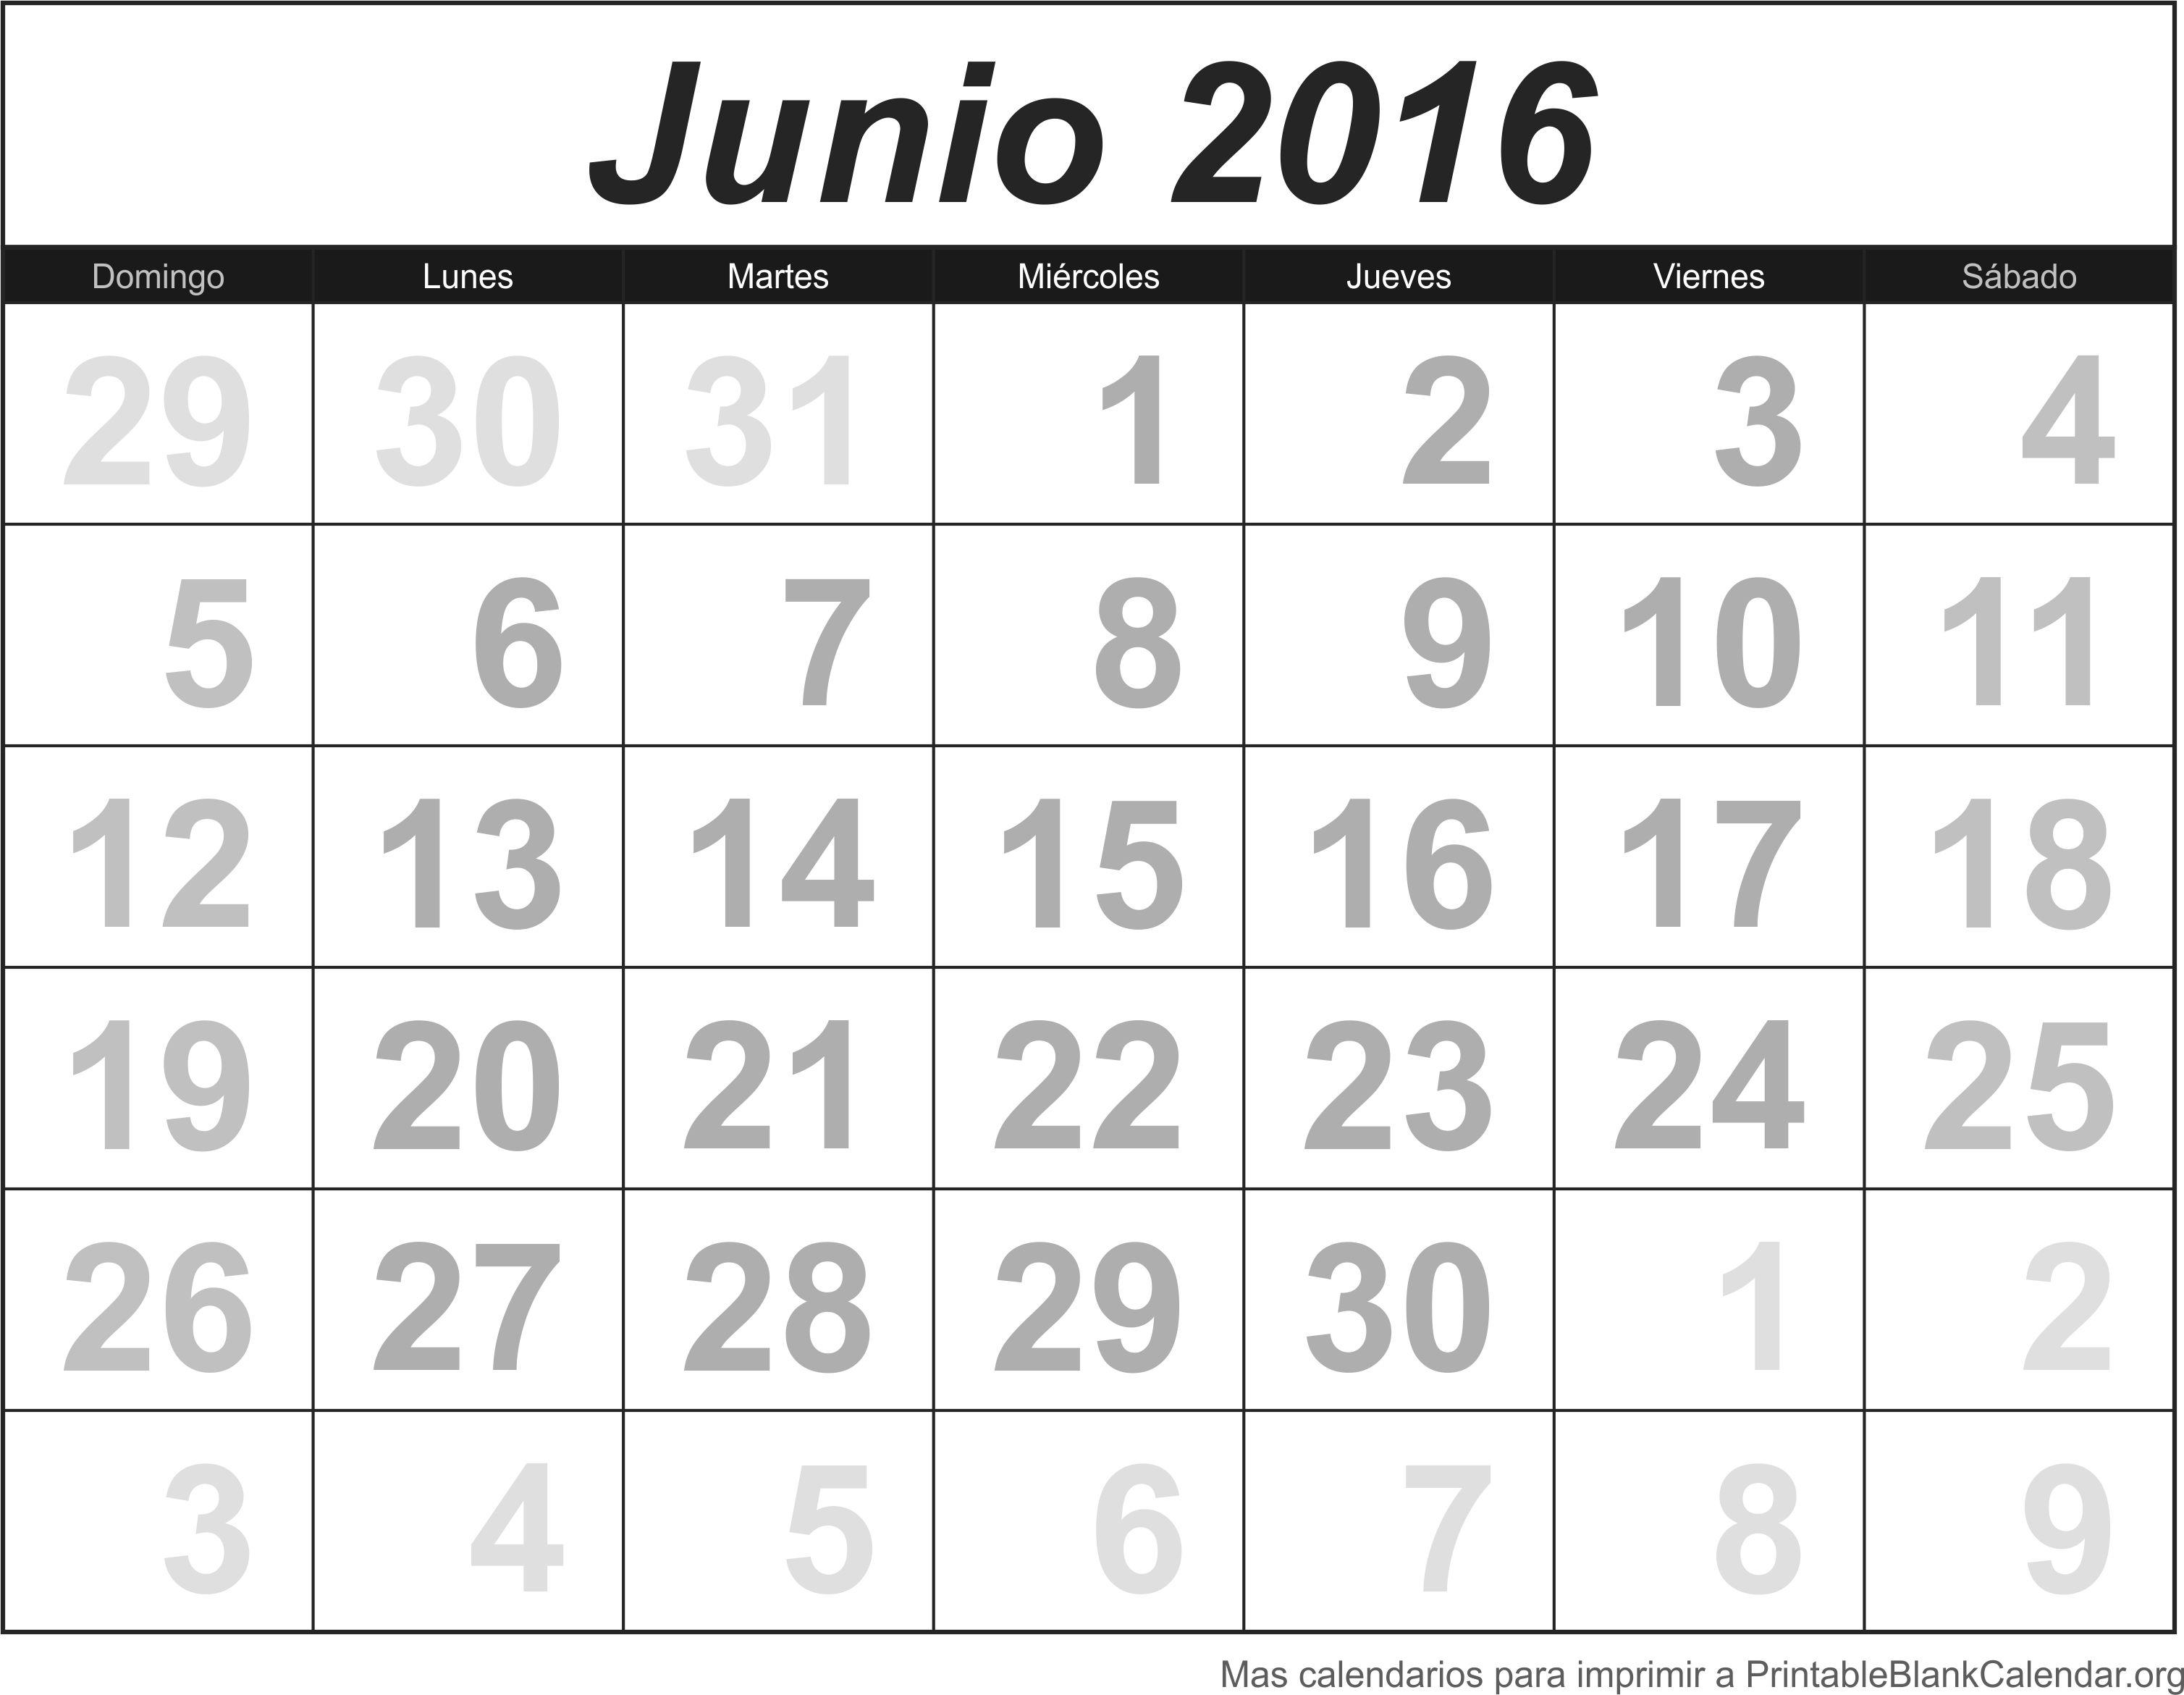 Calendario Jun 2016